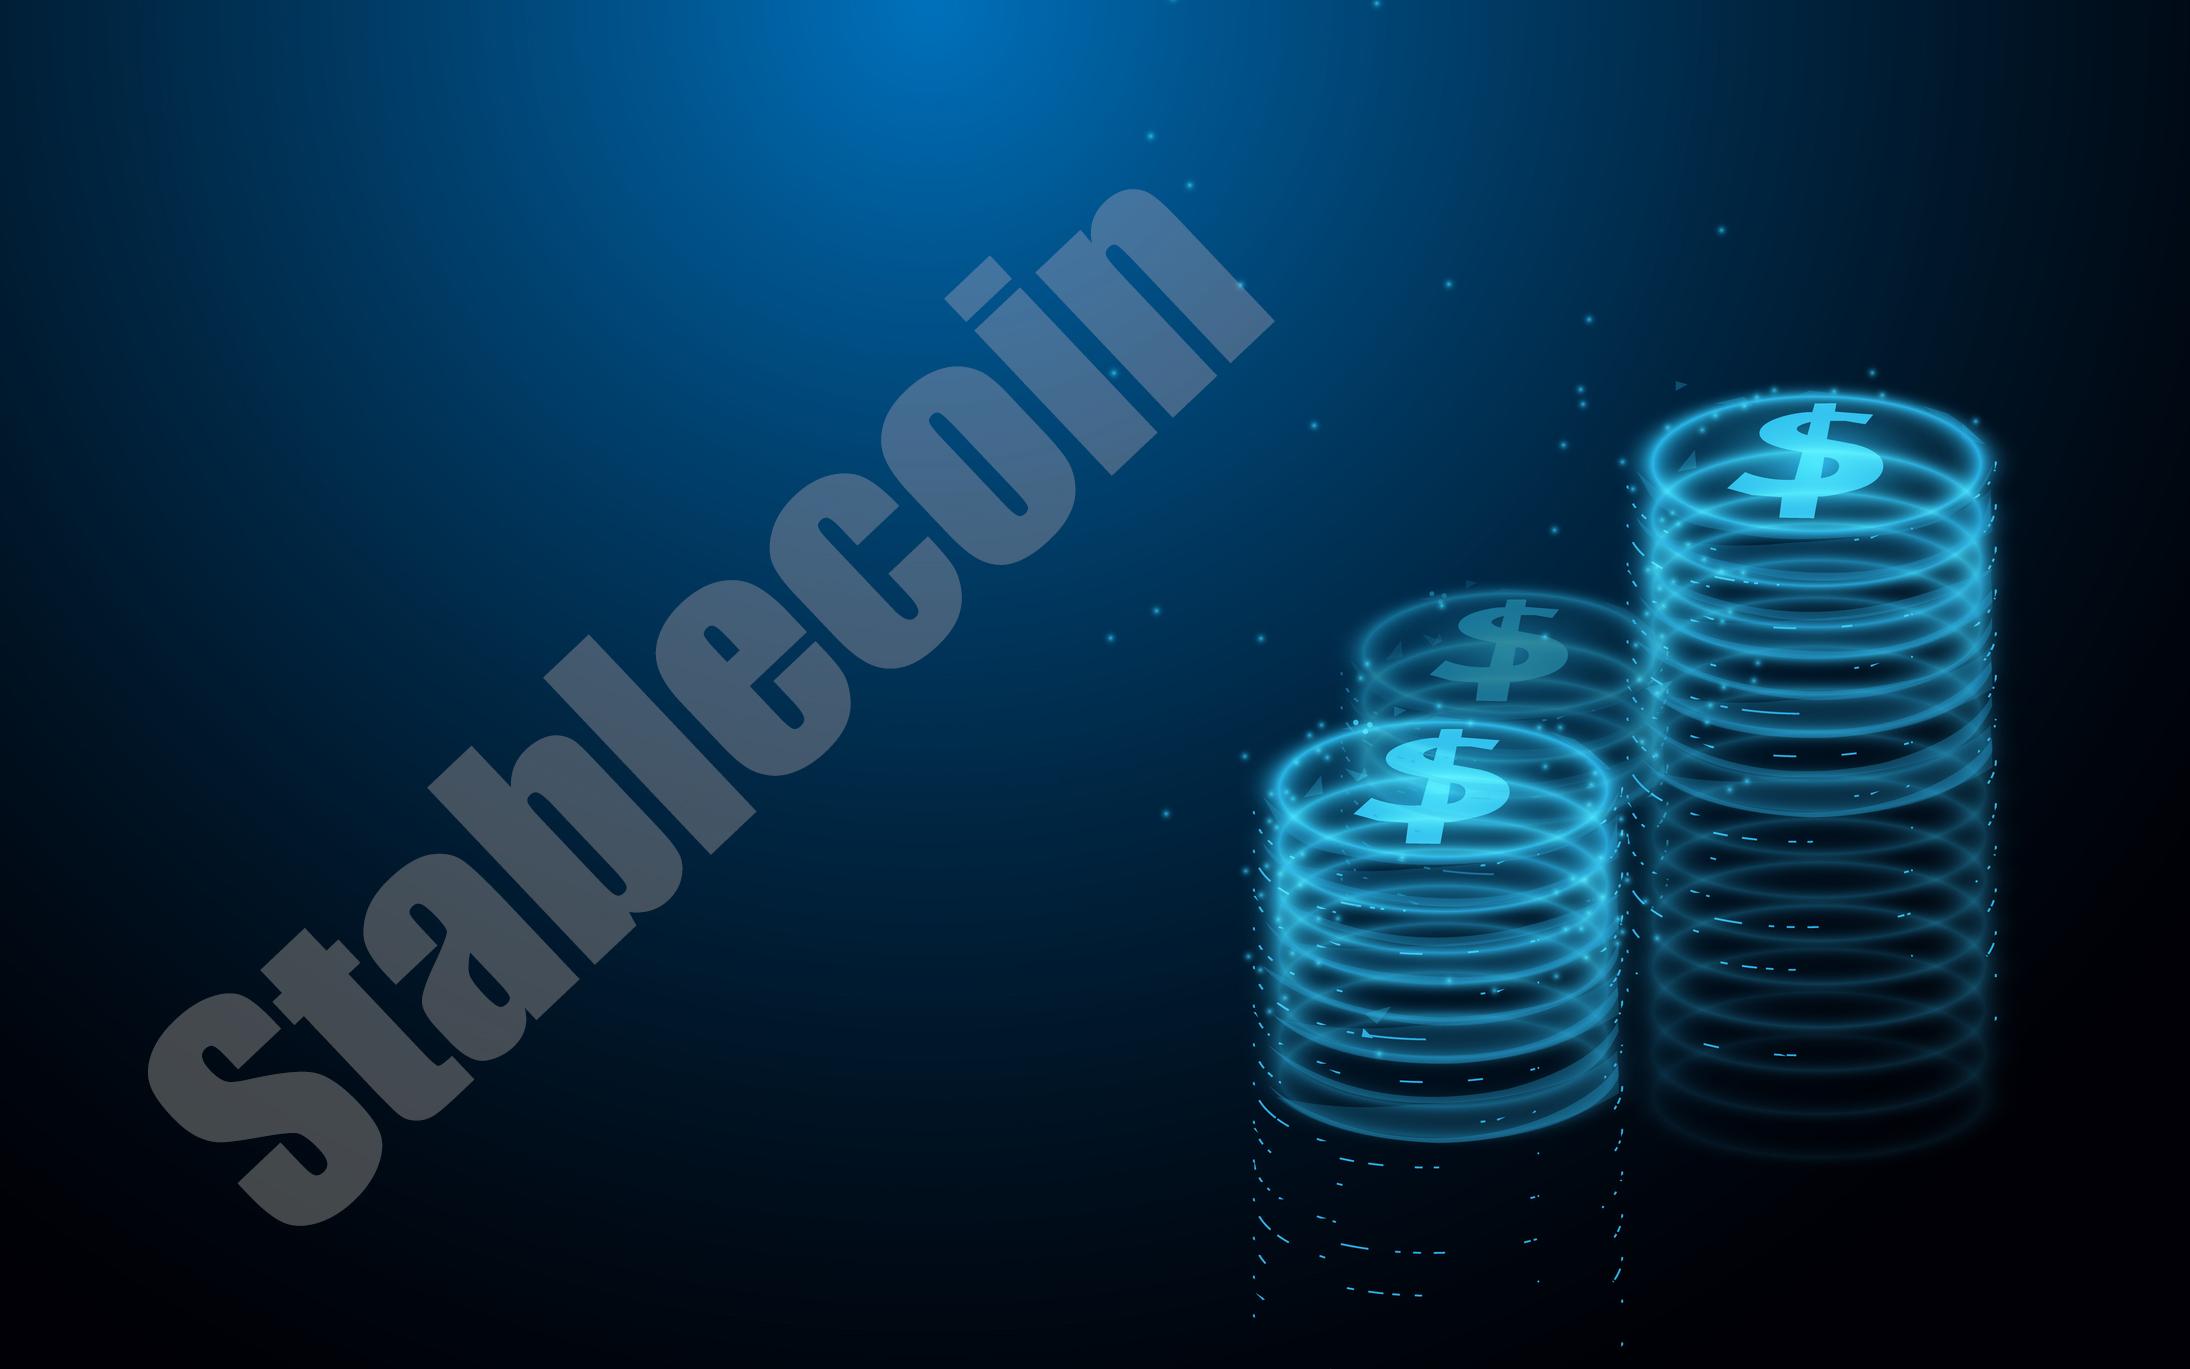 abd stablecoin